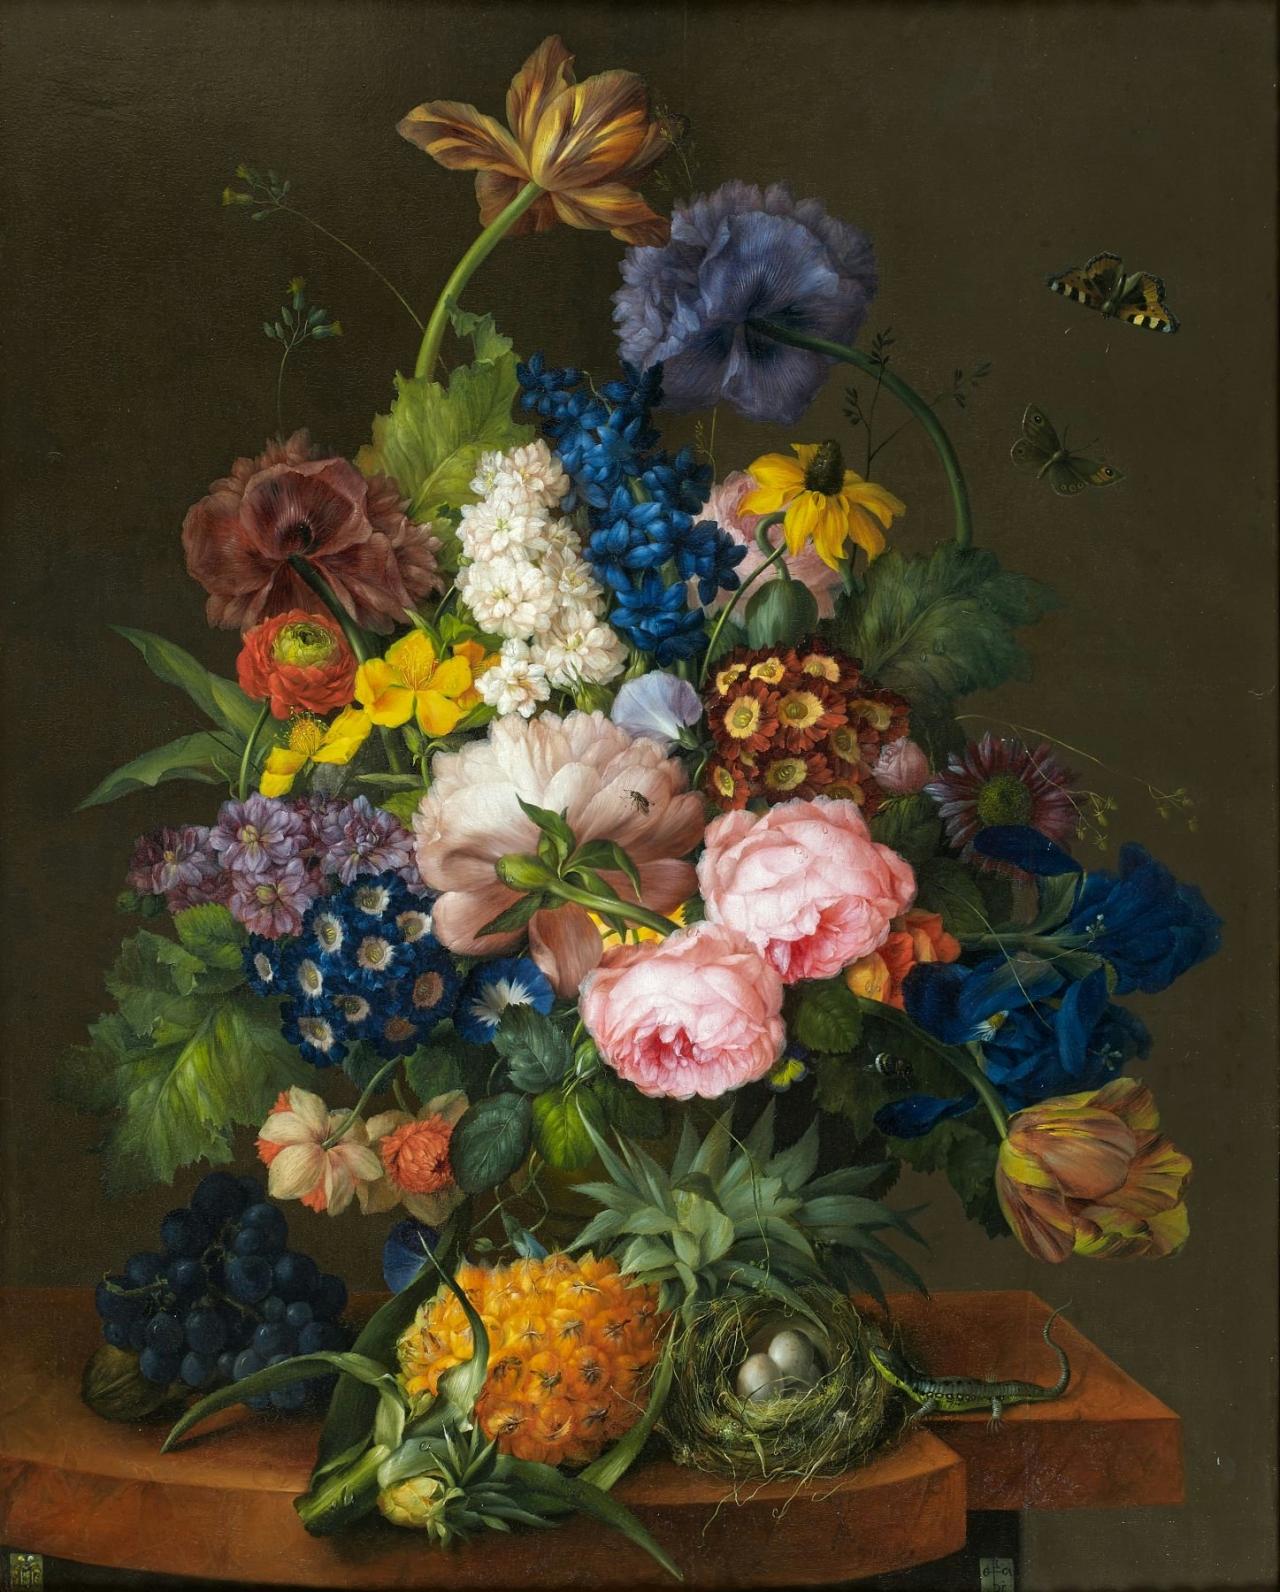 Still Life of Flowers, Fruit, Butterflies, a Bird's Nest, and a Lizard, by Franz Xaver Petter